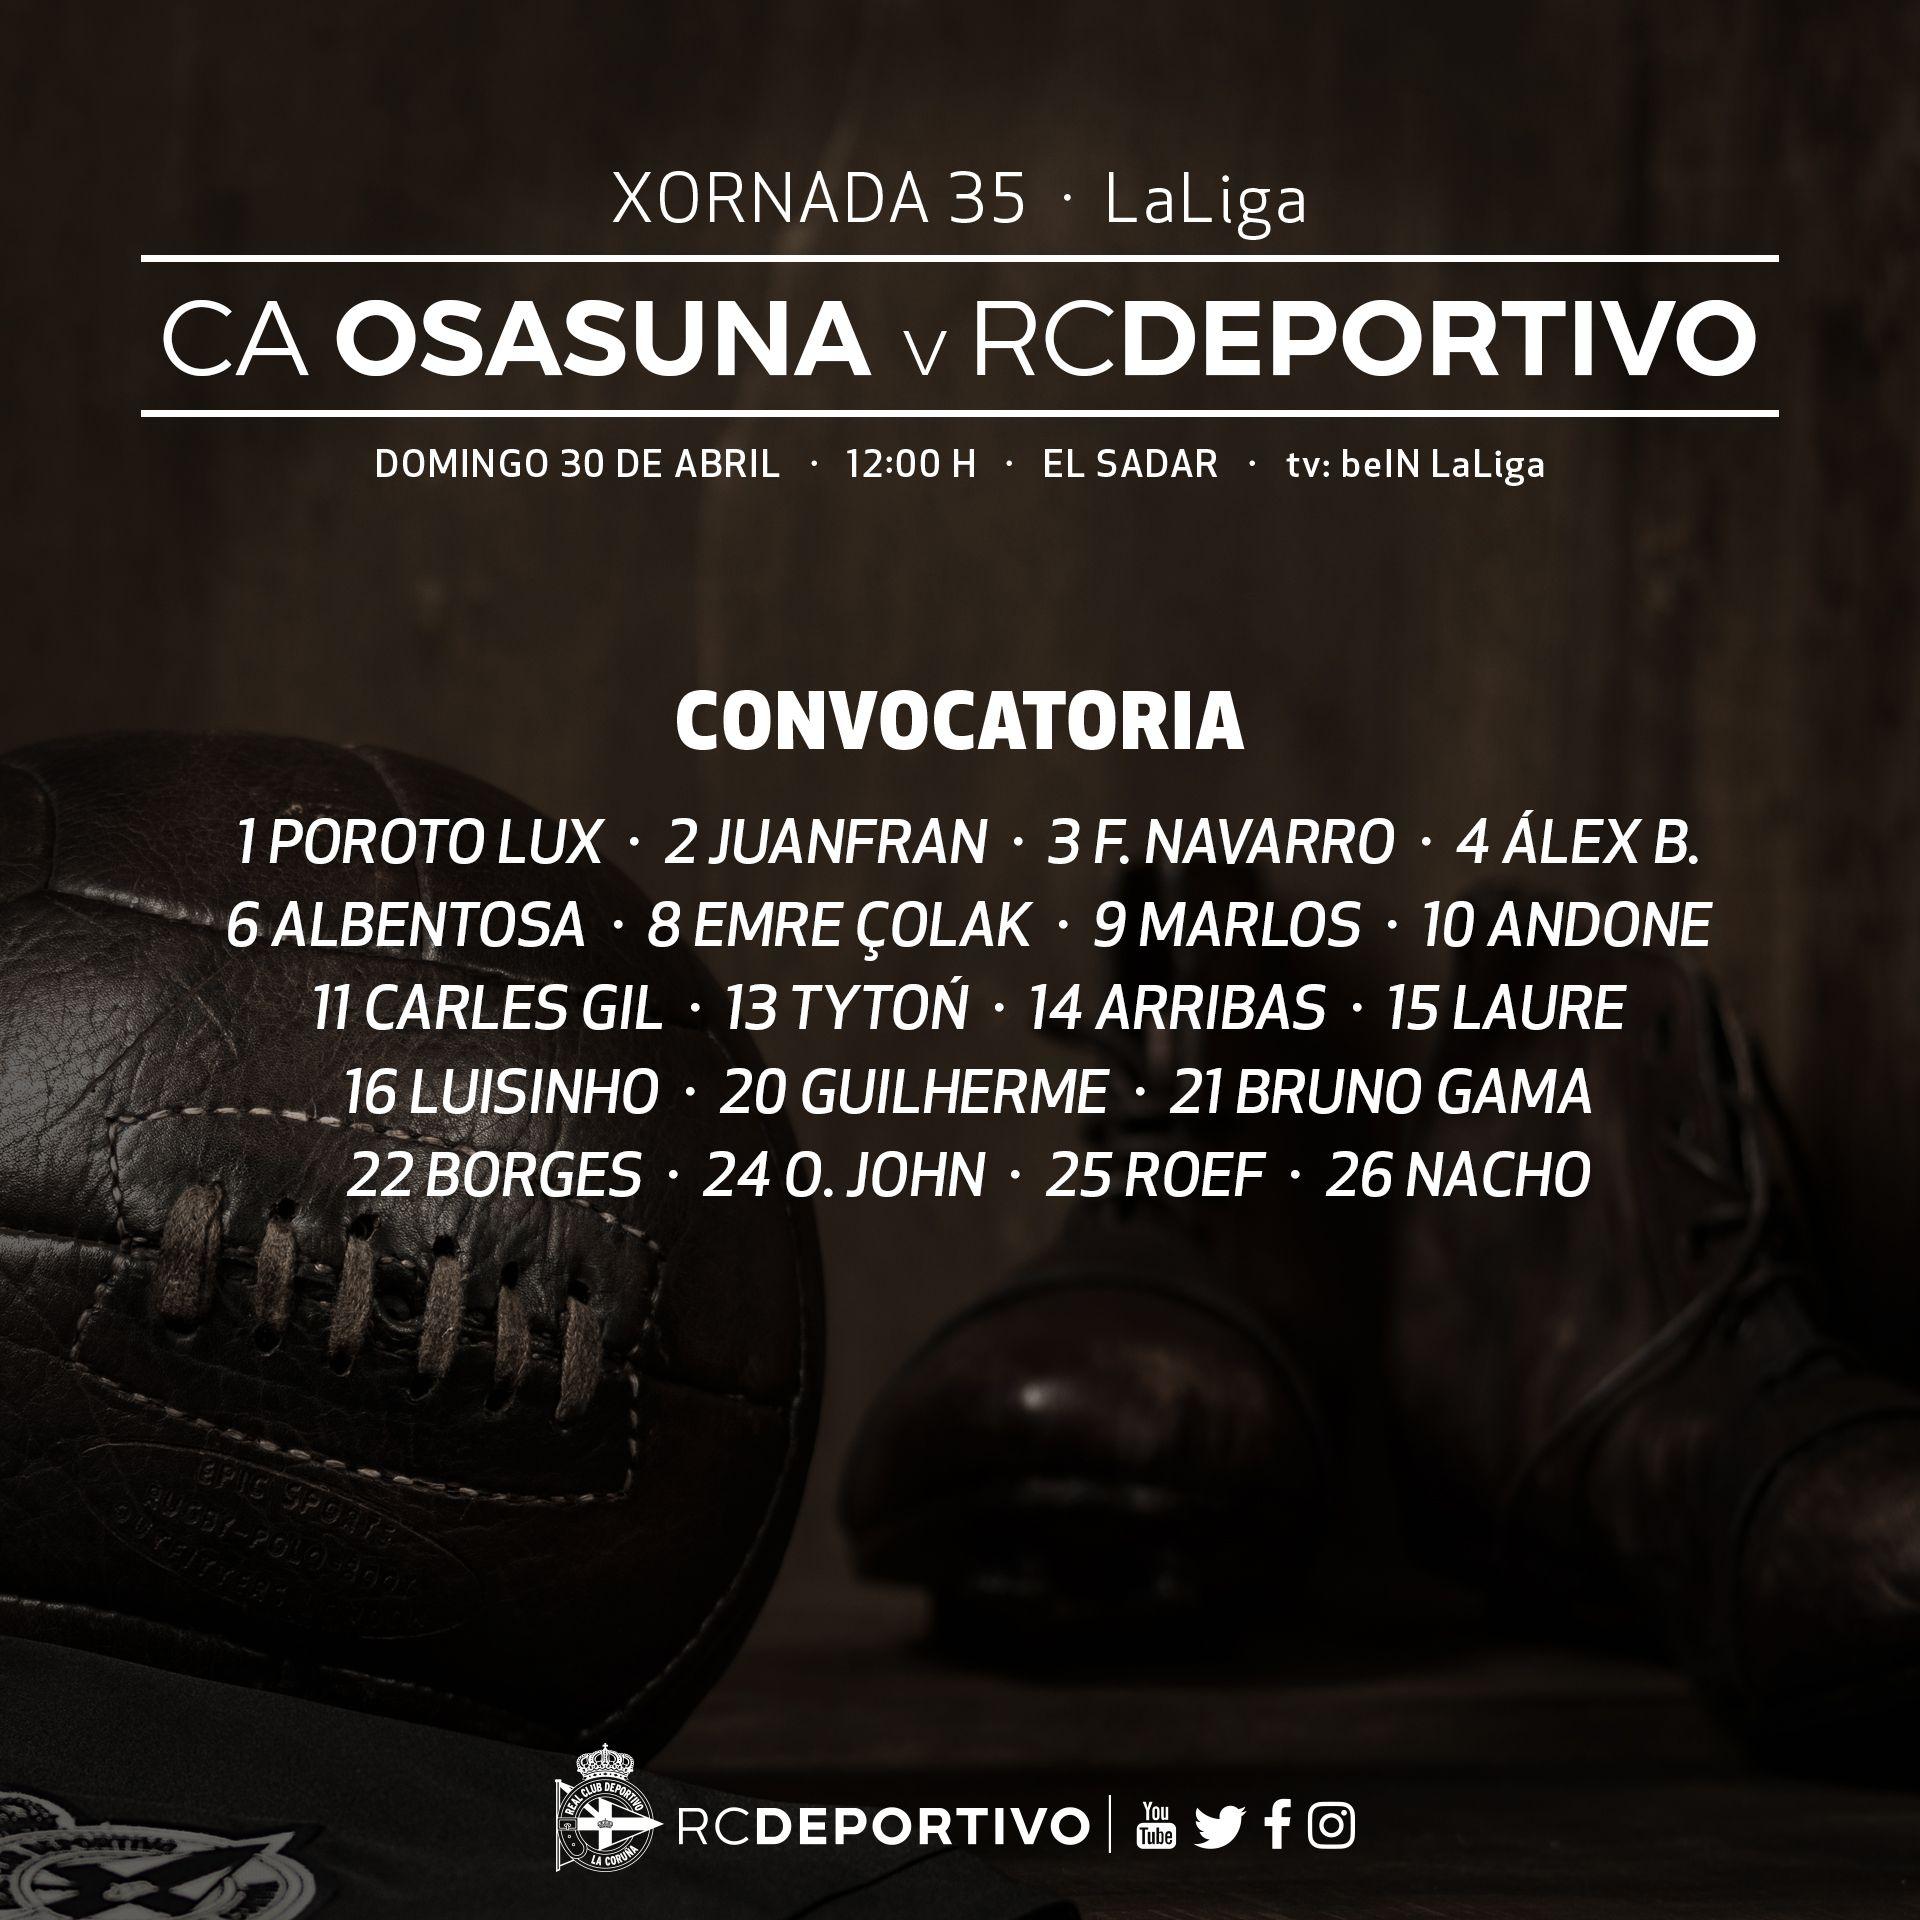 Listaxe d #osnosos convocados para o #OsasunaDépor da 35ª xornada de @LaLiga. Mañá ás 12:00 h. en El Sadar #DaleDÉ https://t.co/I9Sh2IjQQZ